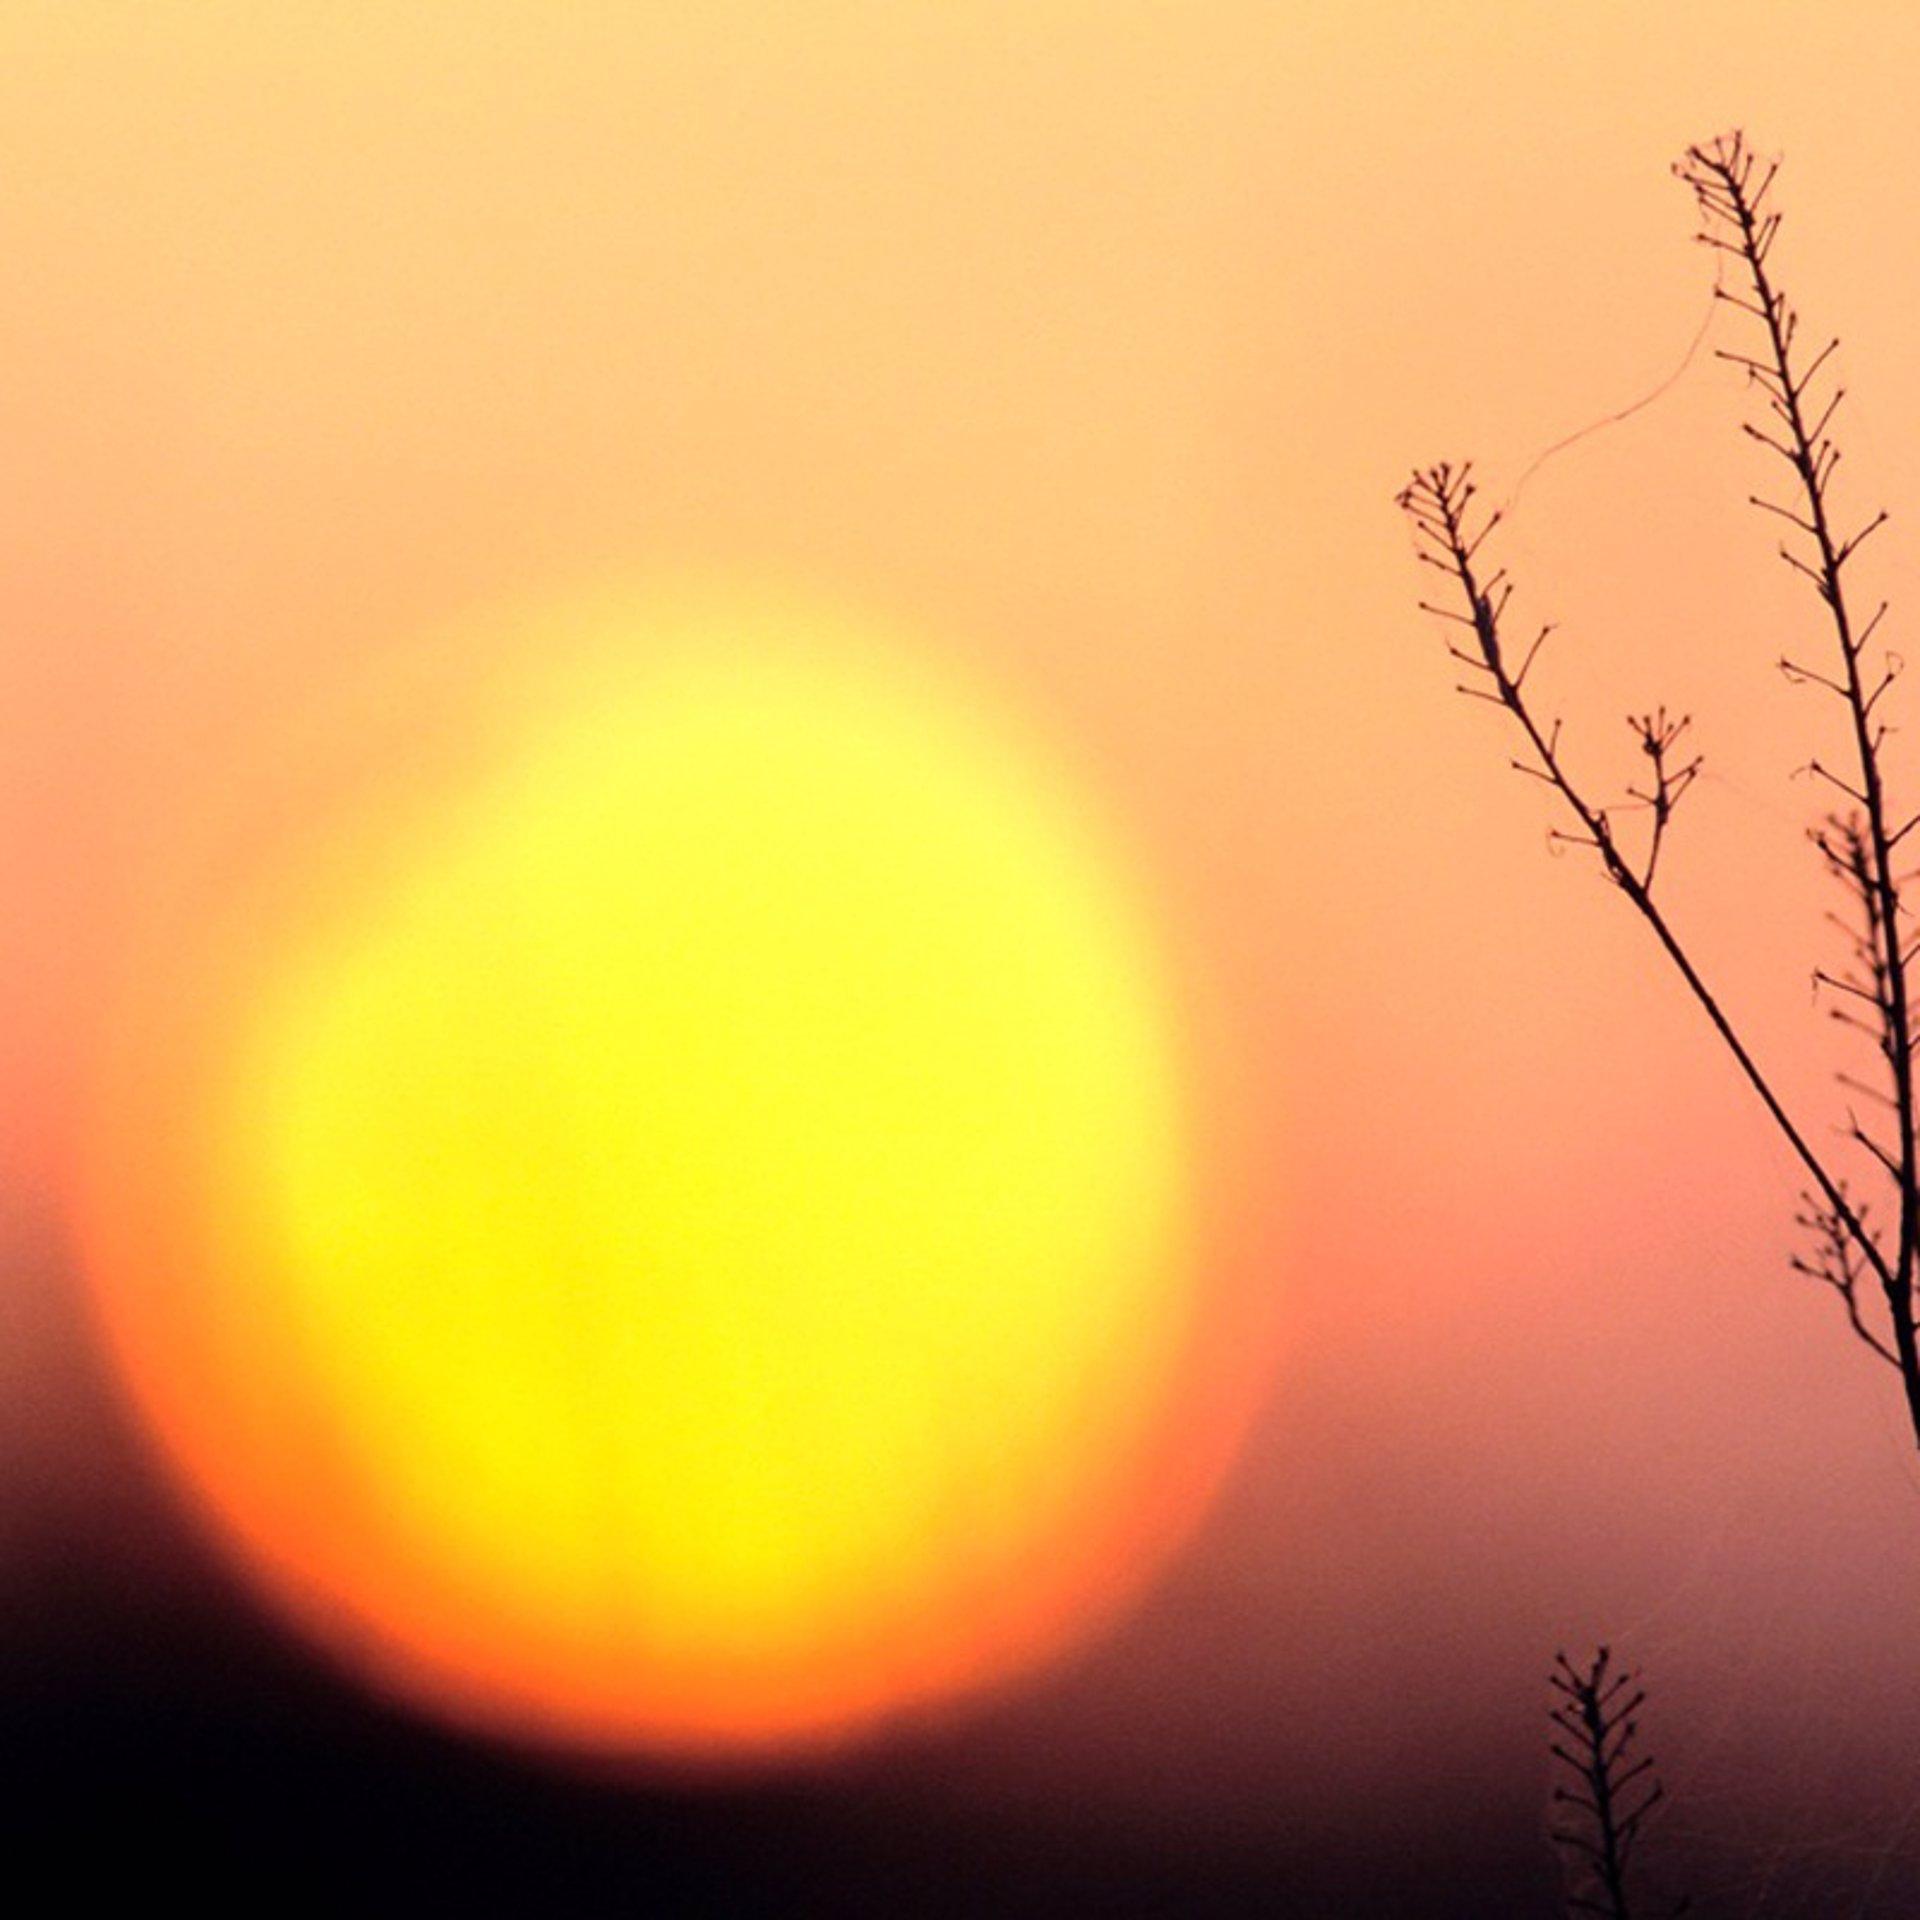 La pausa observada en el calentamiento global no durará mucho